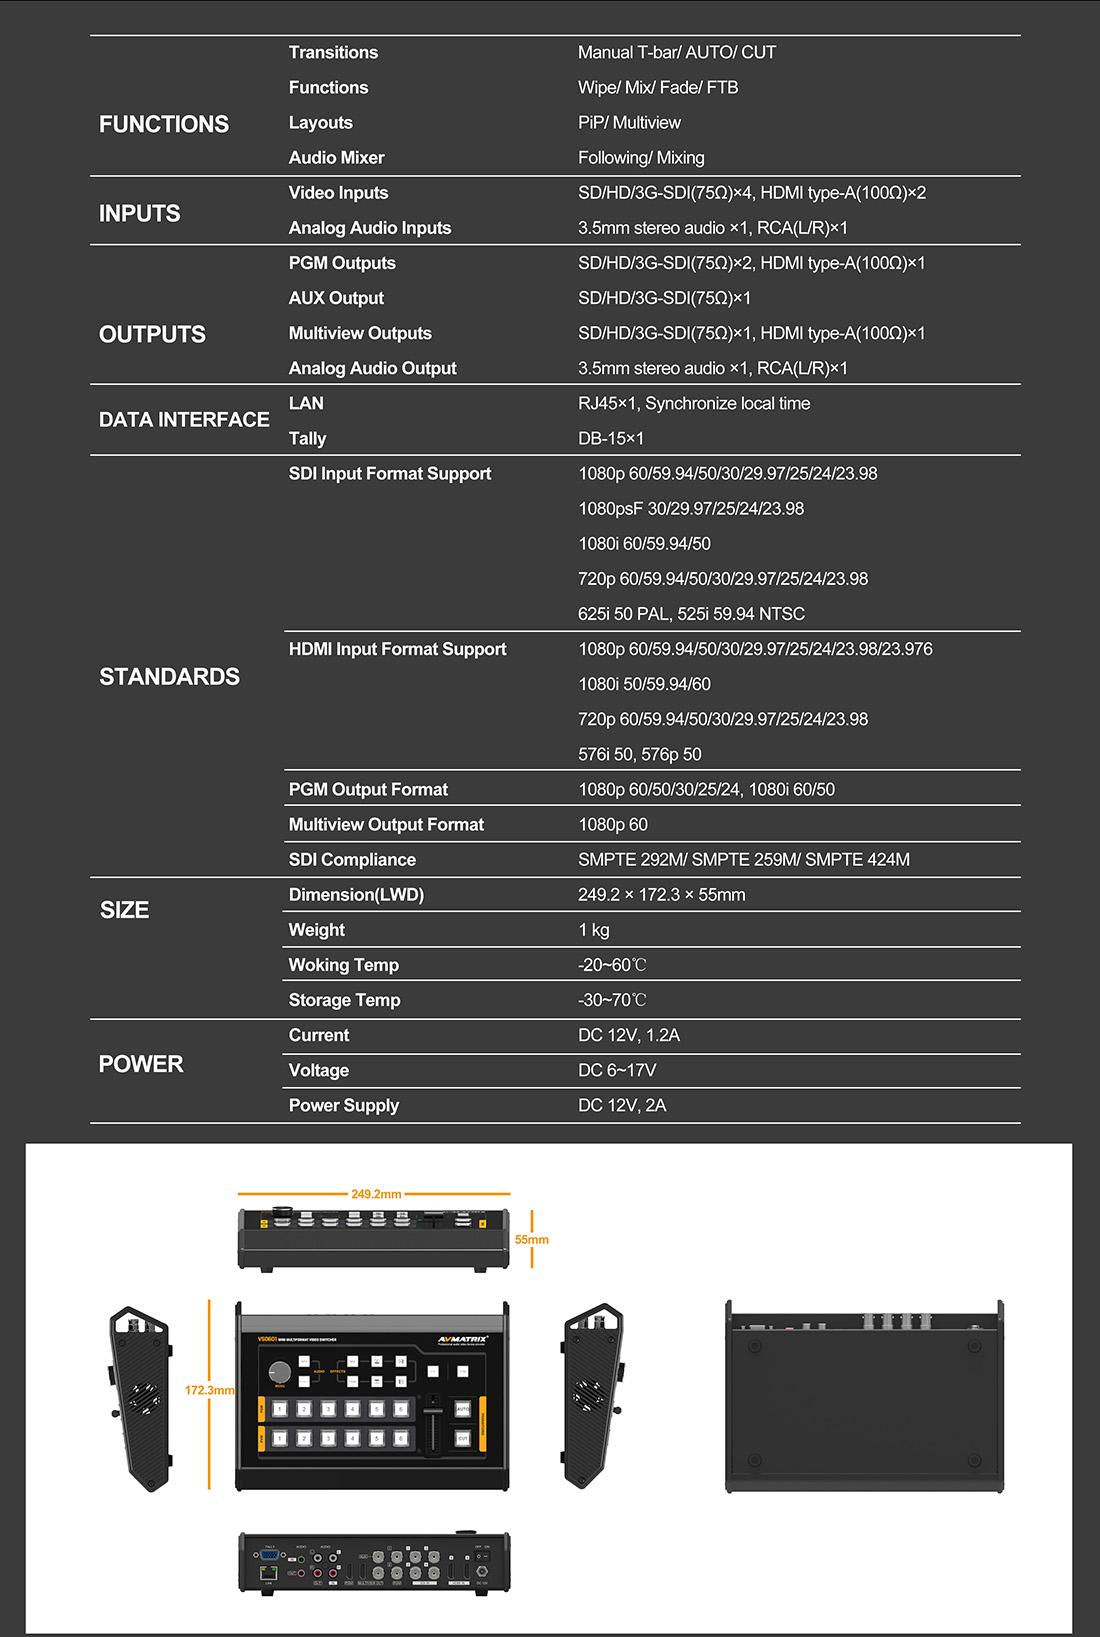 AVMatrix VS0601 - Mini 6CH SDI/HDMI Multi-format Video Switcher